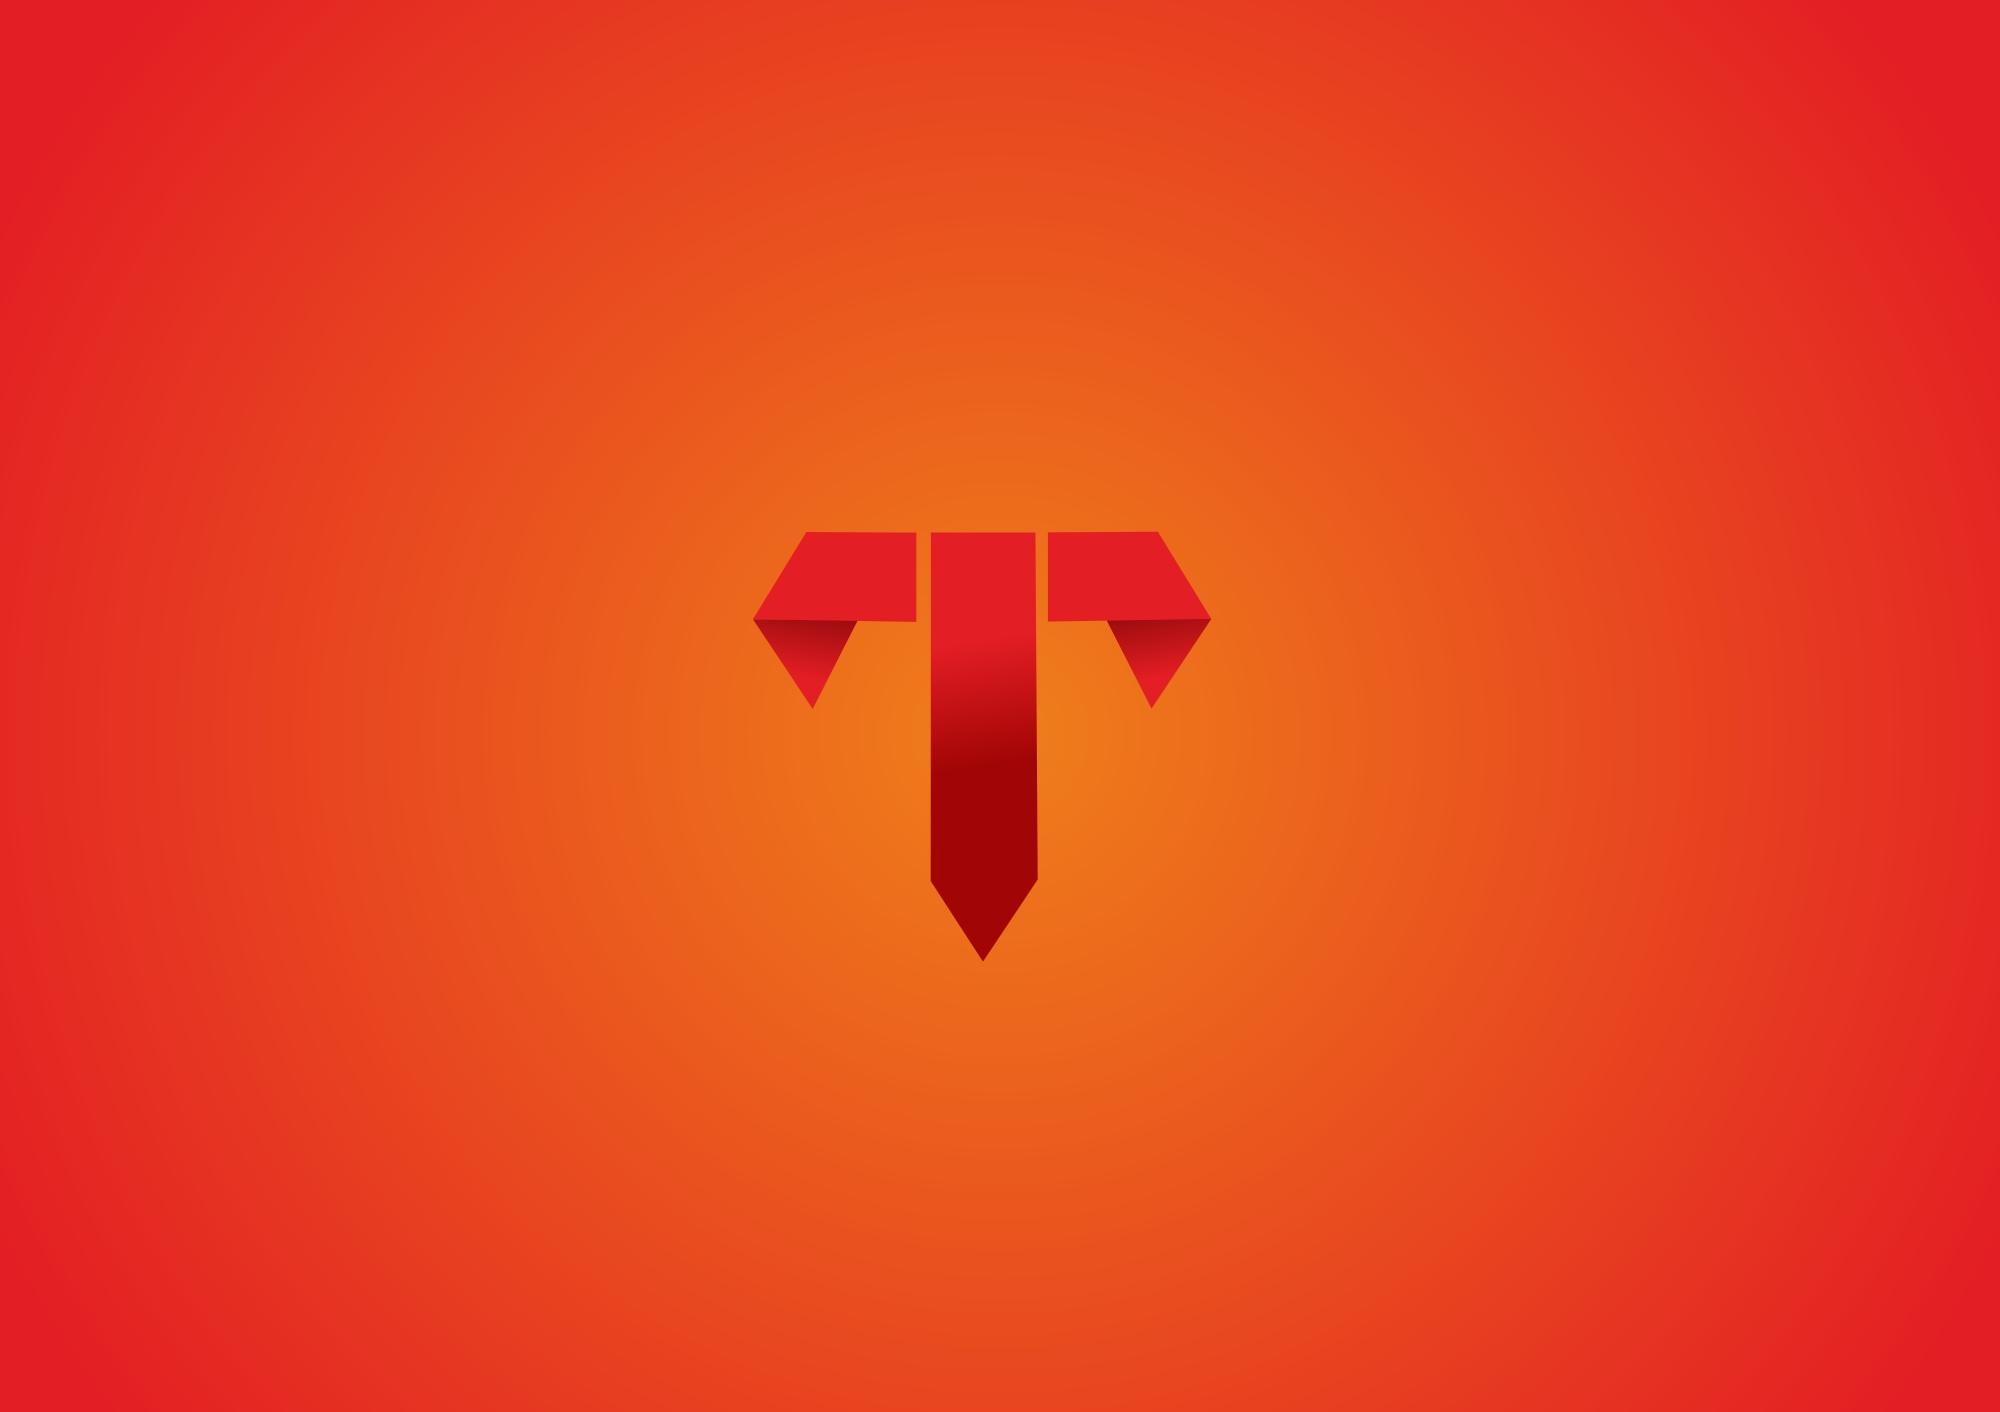 Разработка логотипа и фирм. стиля компании  ТЕХСНАБ фото f_5745b21b89522b75.jpg